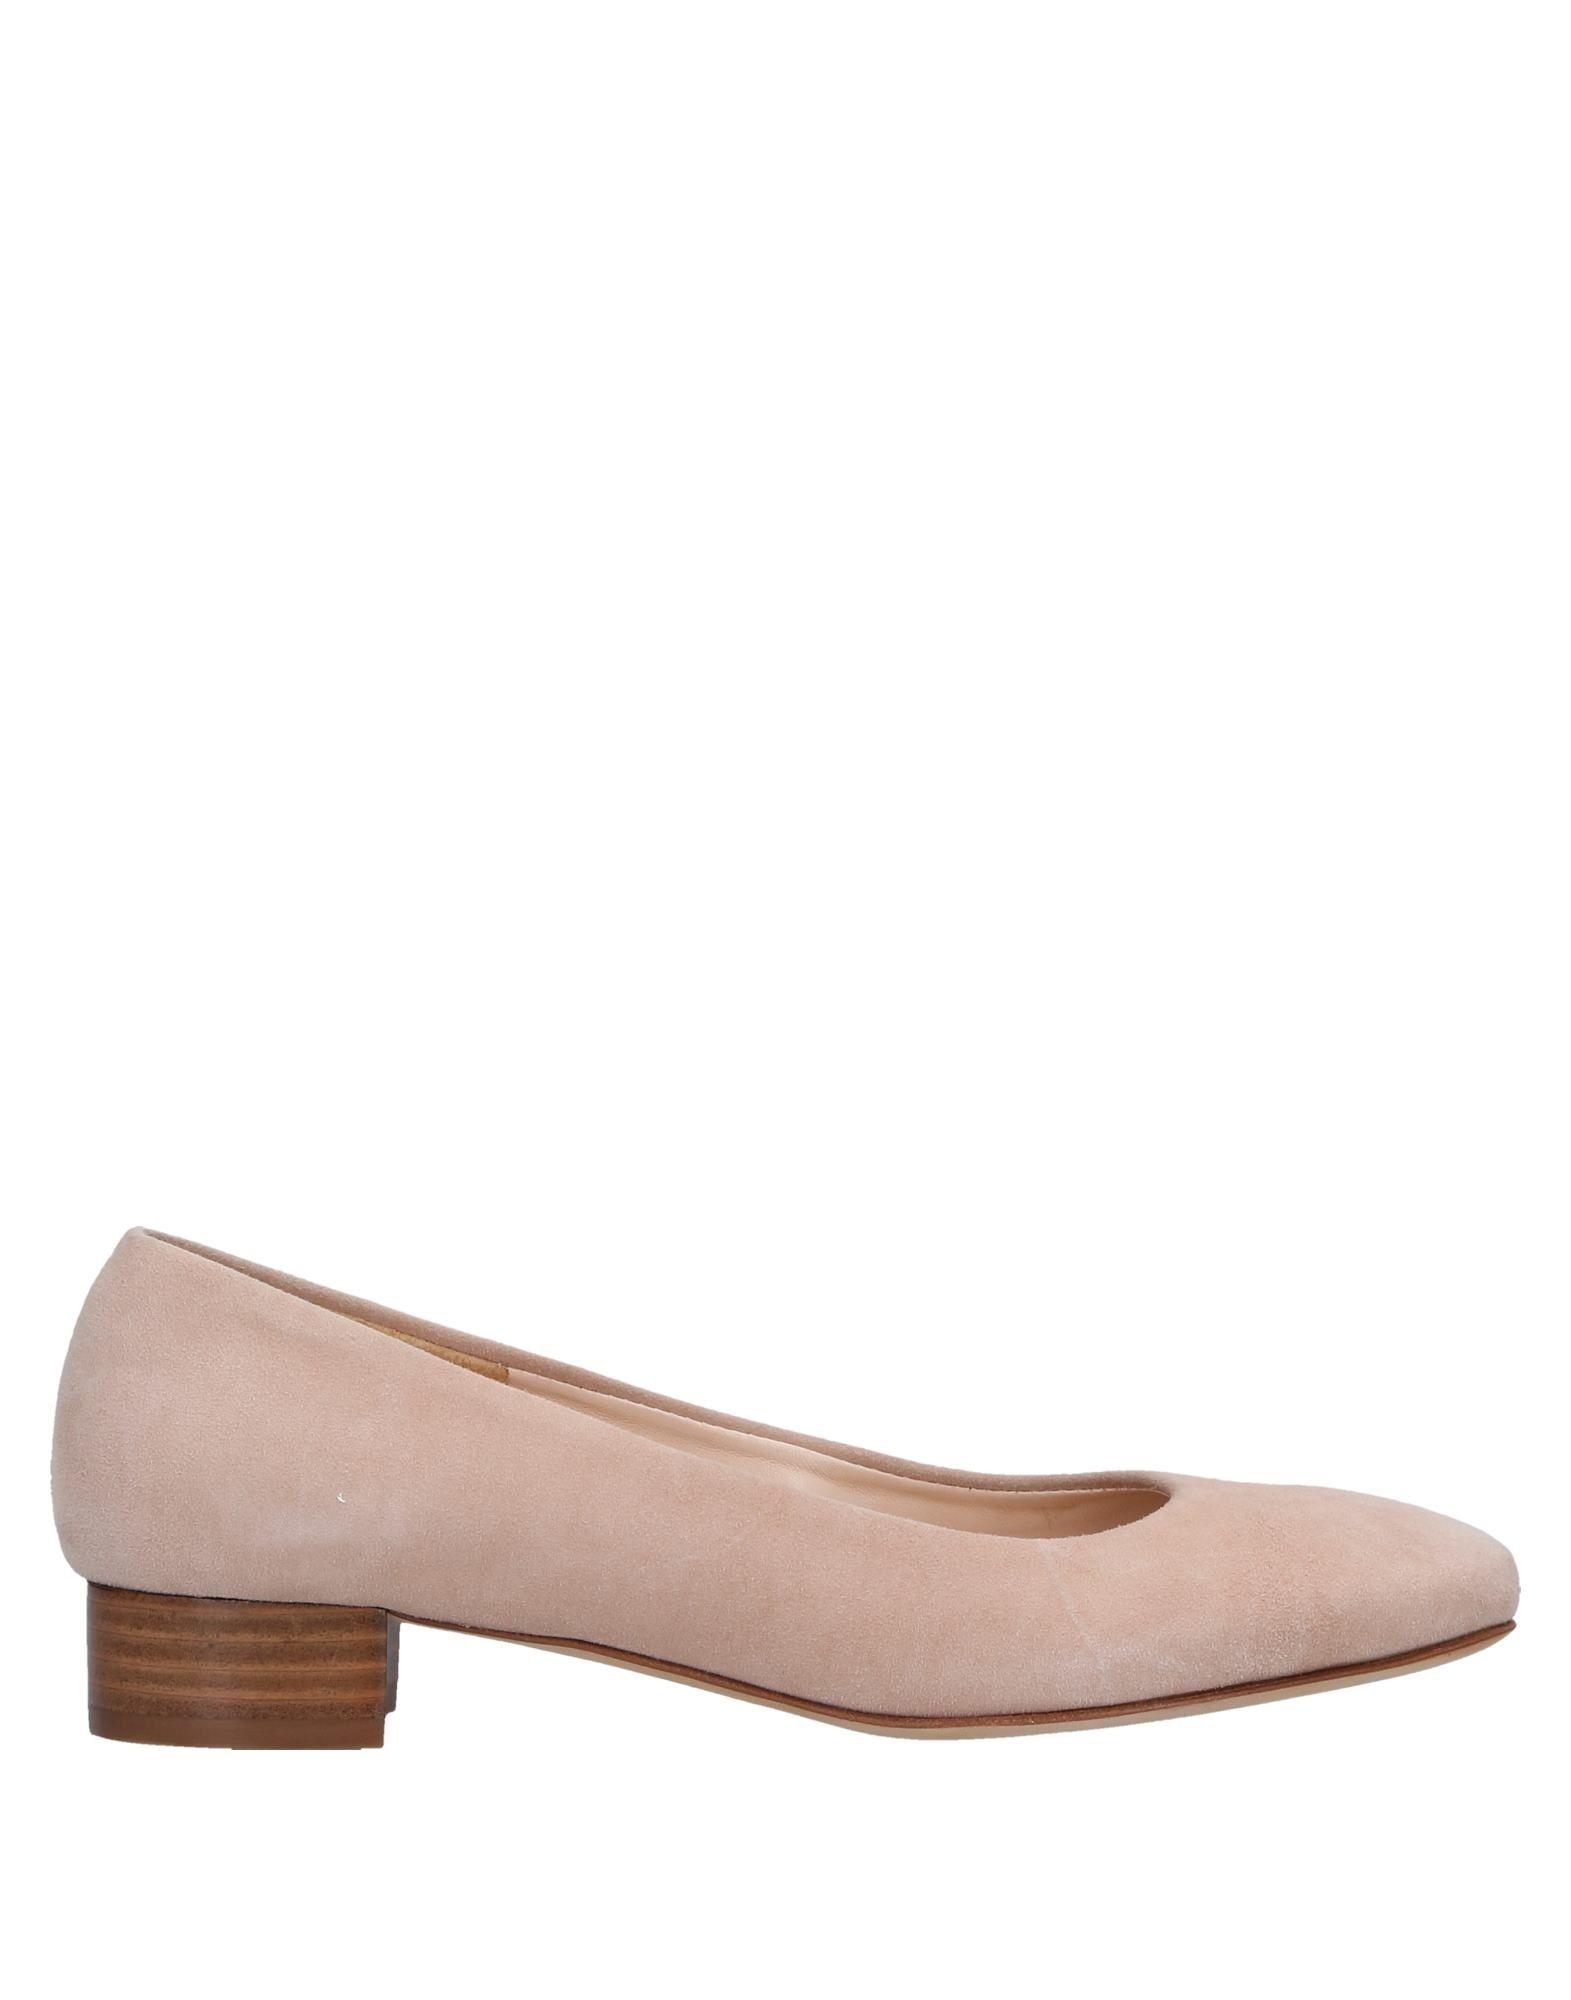 Scarpe economiche e resistenti Ballerine Florence Donna - 11536532MP